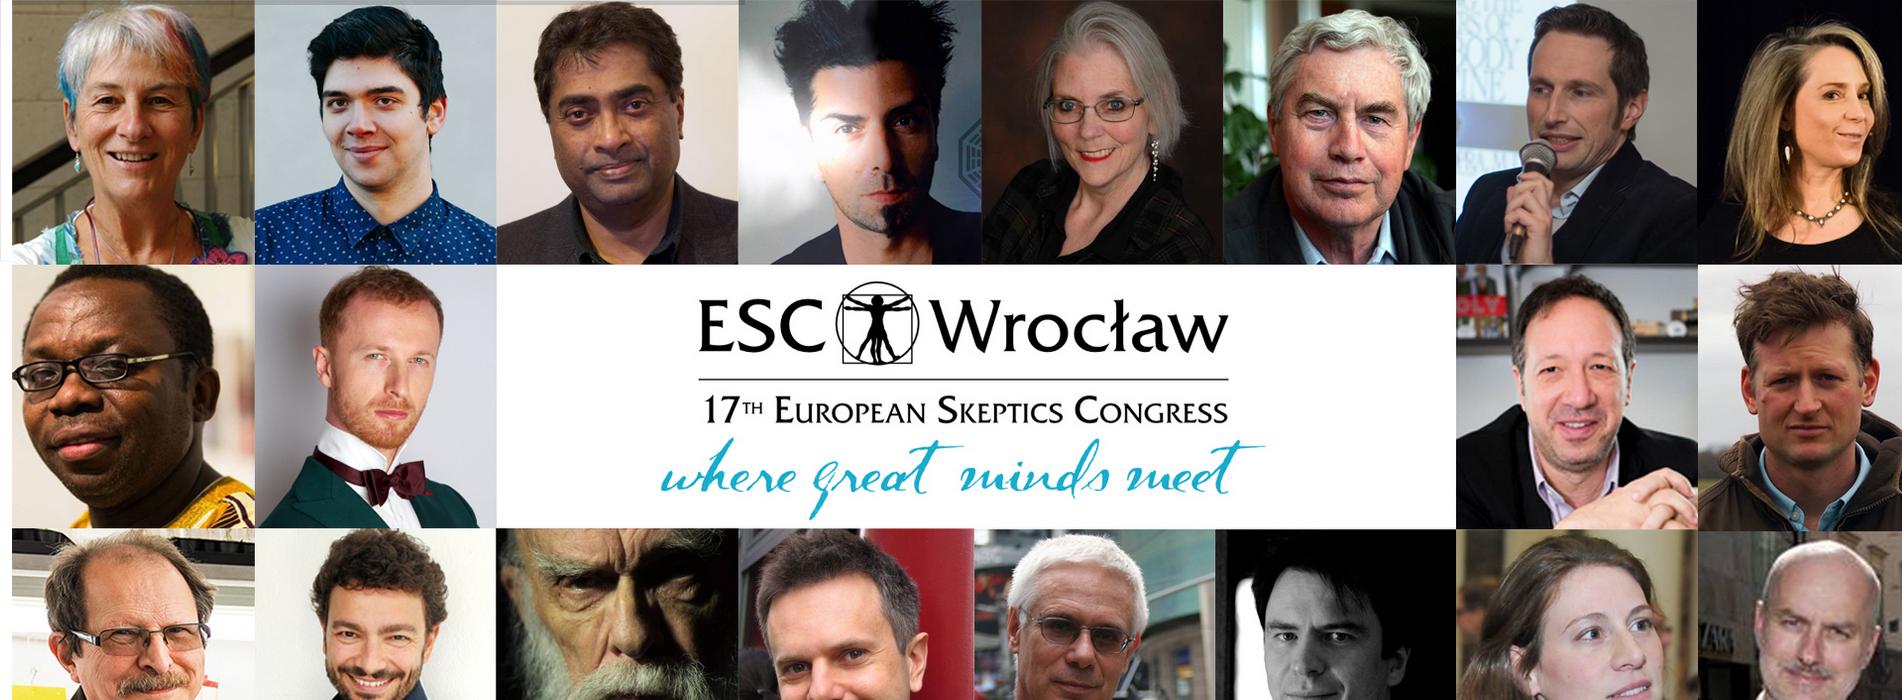 ESC Wroclaw 2